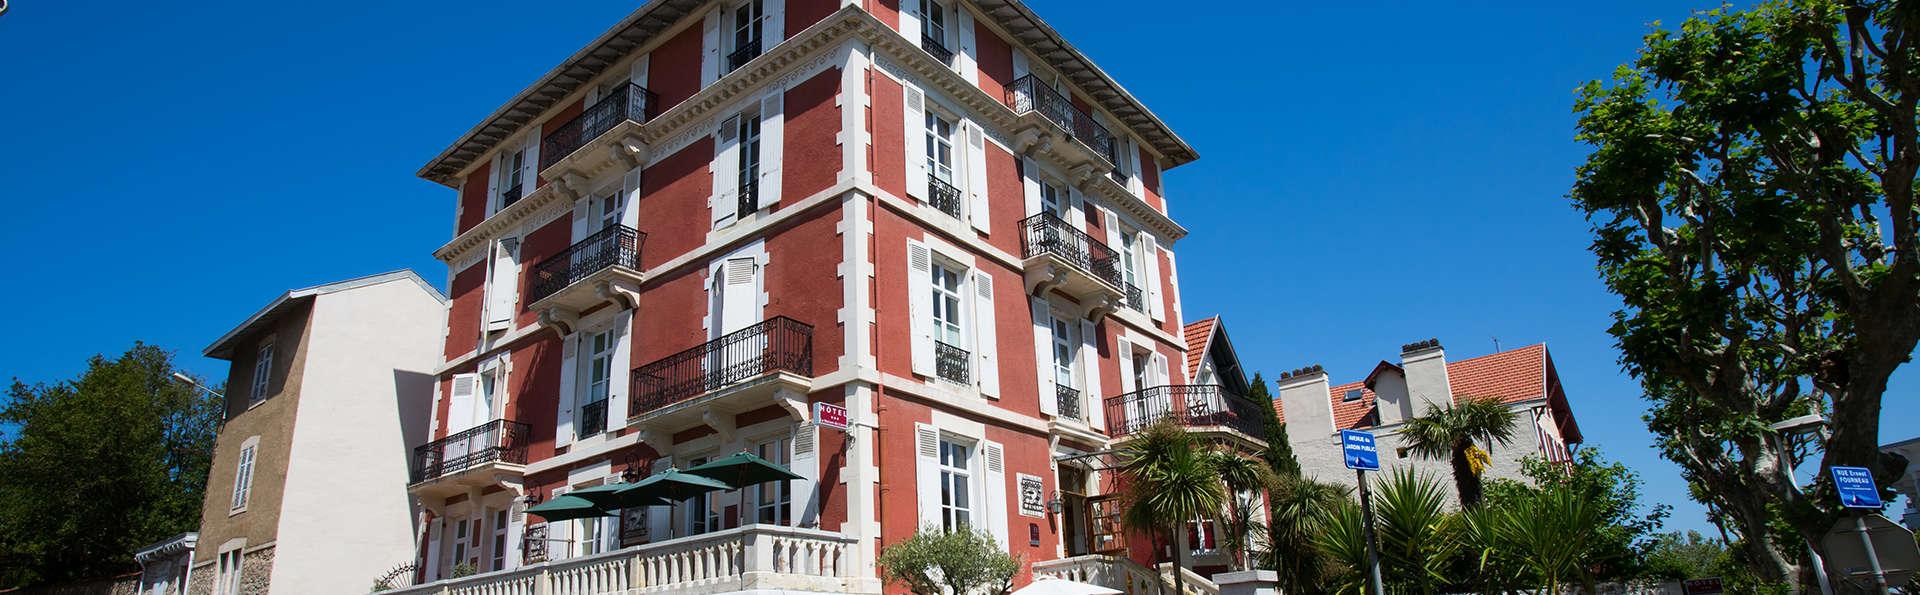 La Maison du Lierre - edit_front2.jpg